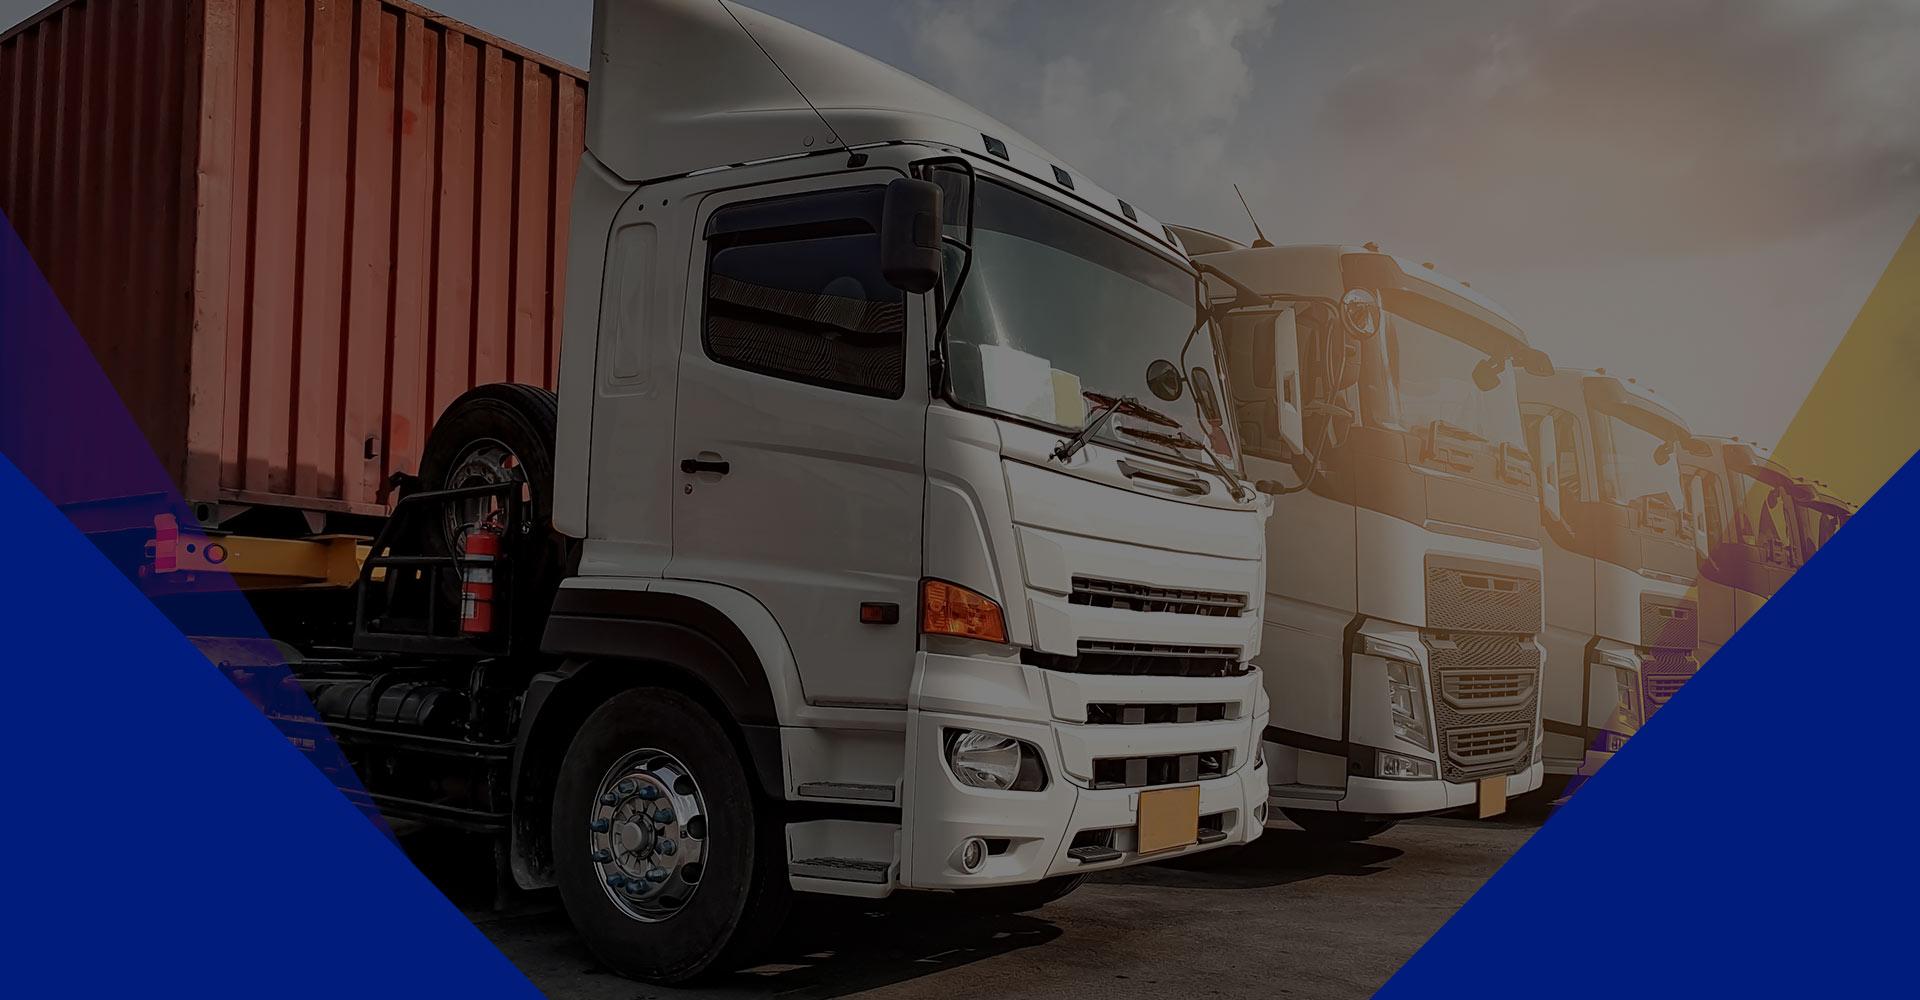 Transportadora Marcola<br>Serviços logístico Integrado Regional do Centro Oeste do Estado de São Paulo.